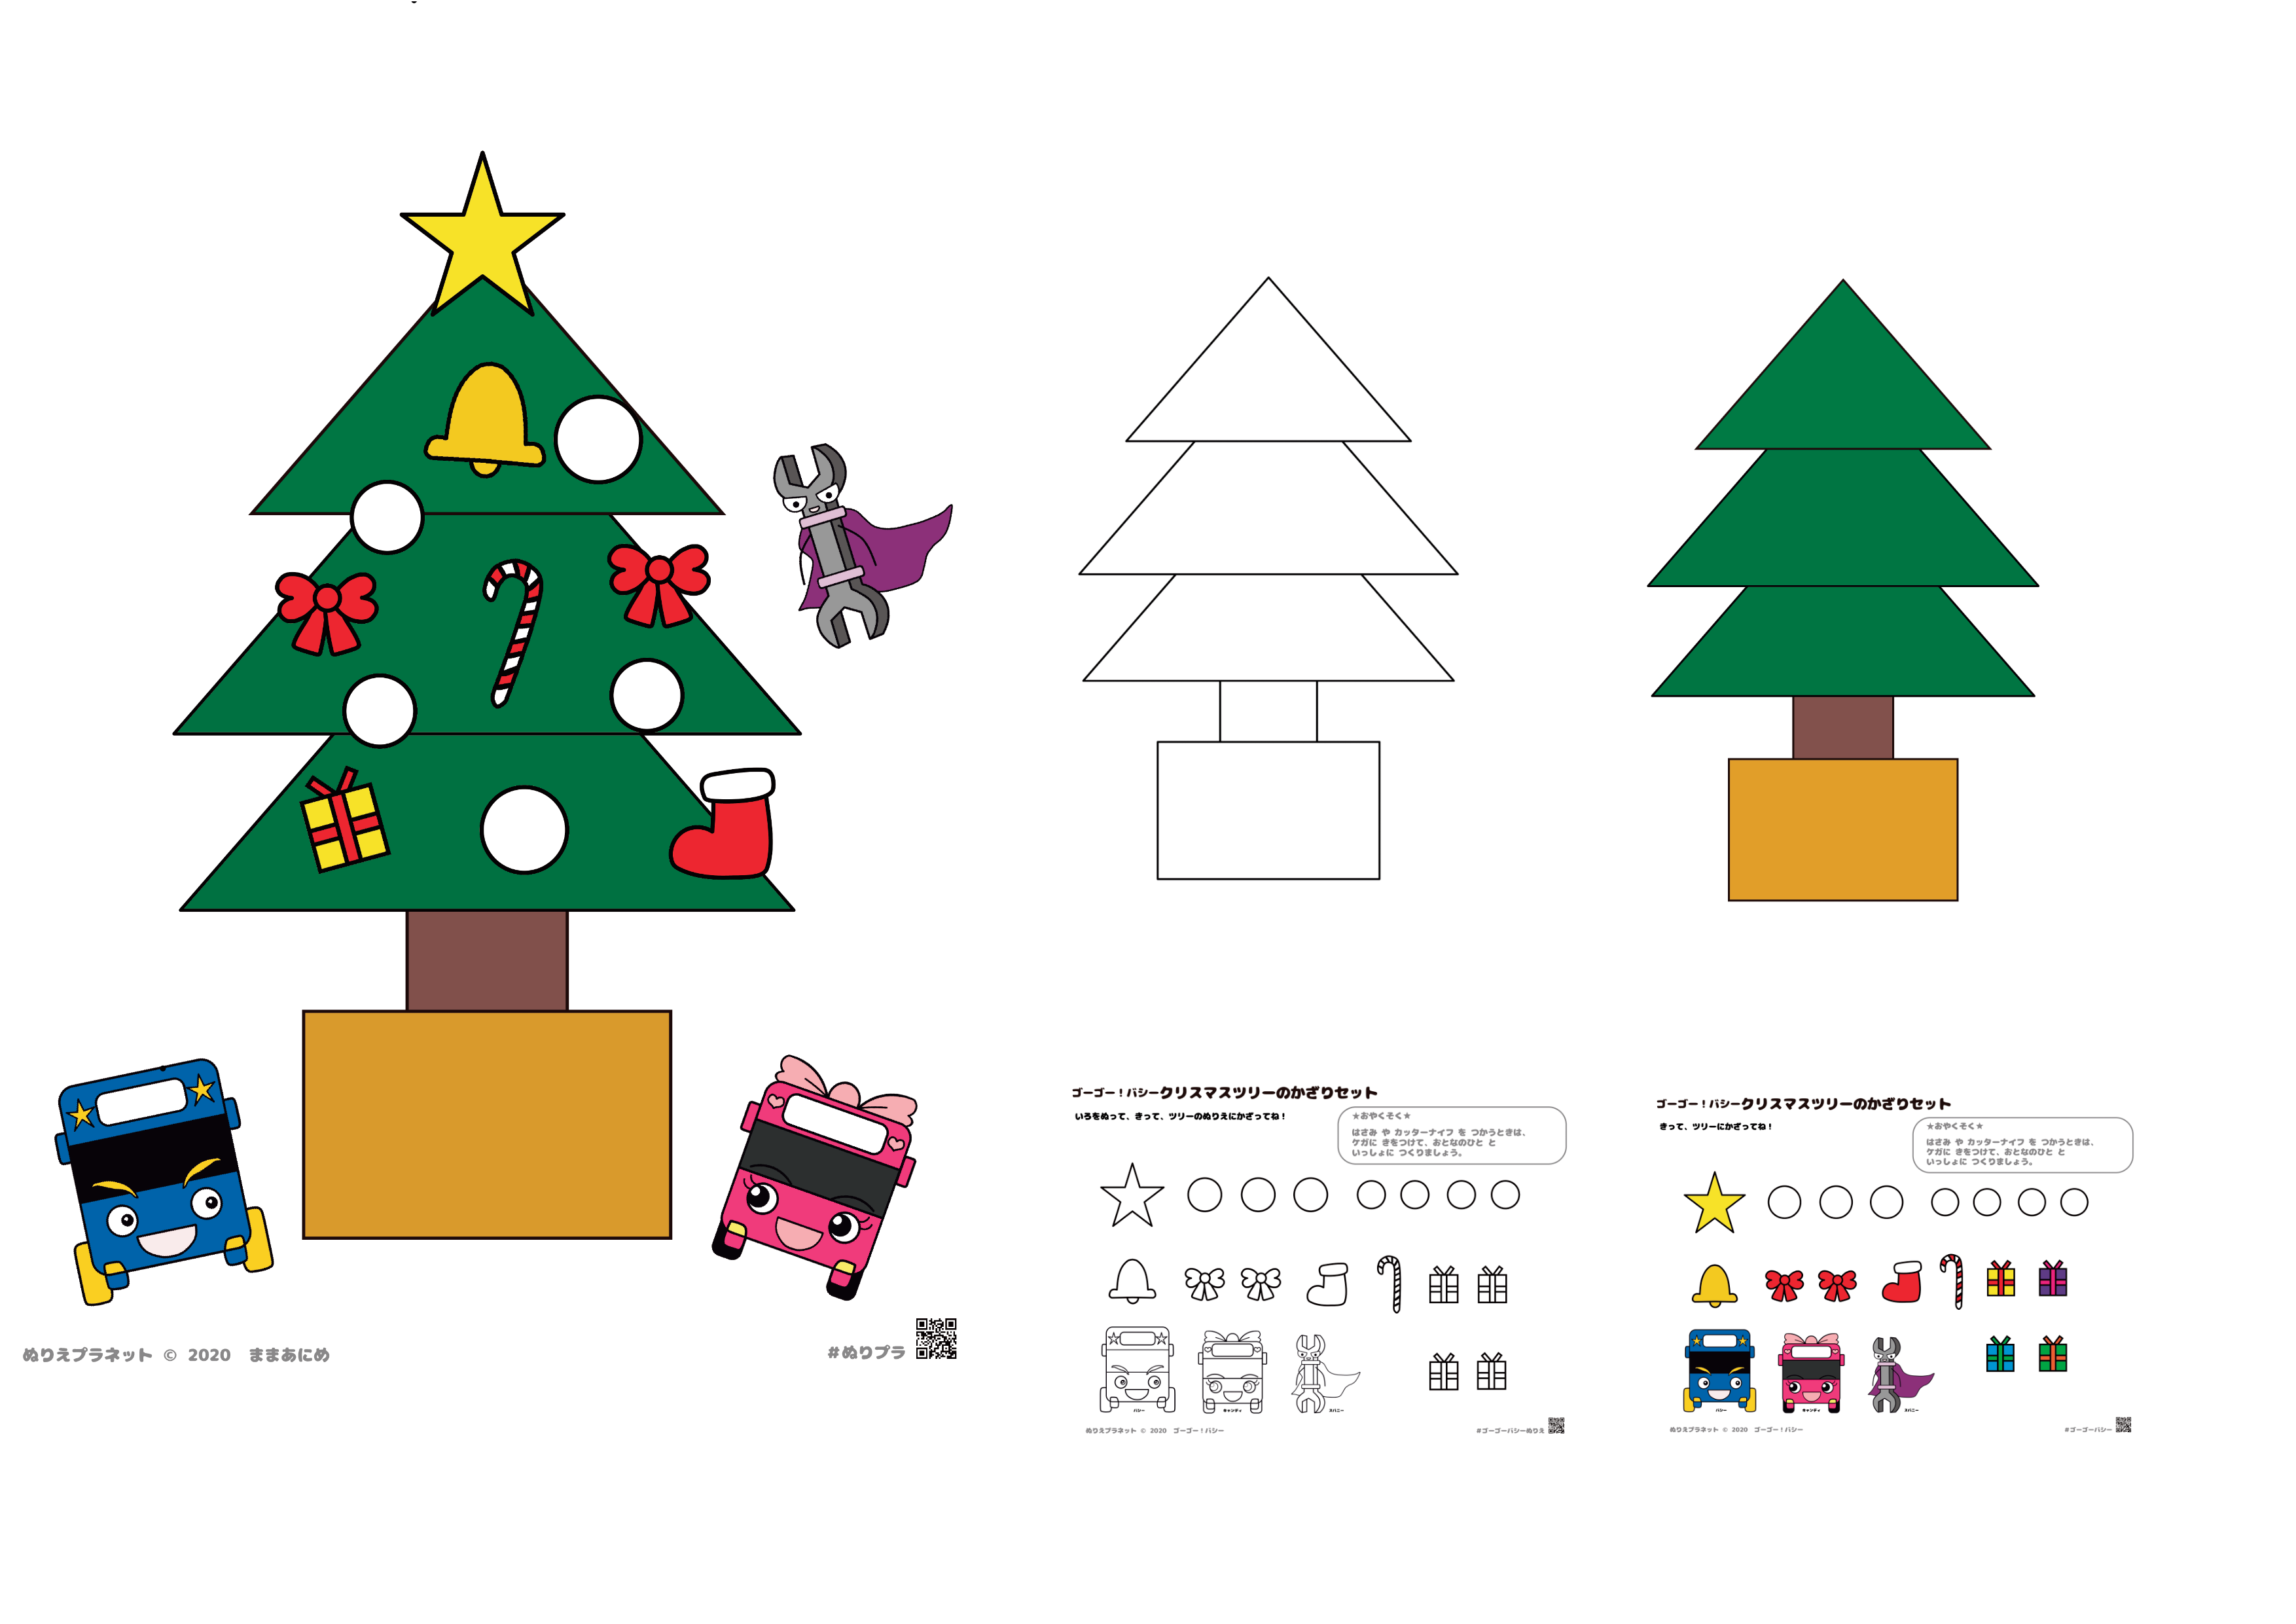 クリスマスツリーのアイキャッチ用画像です。